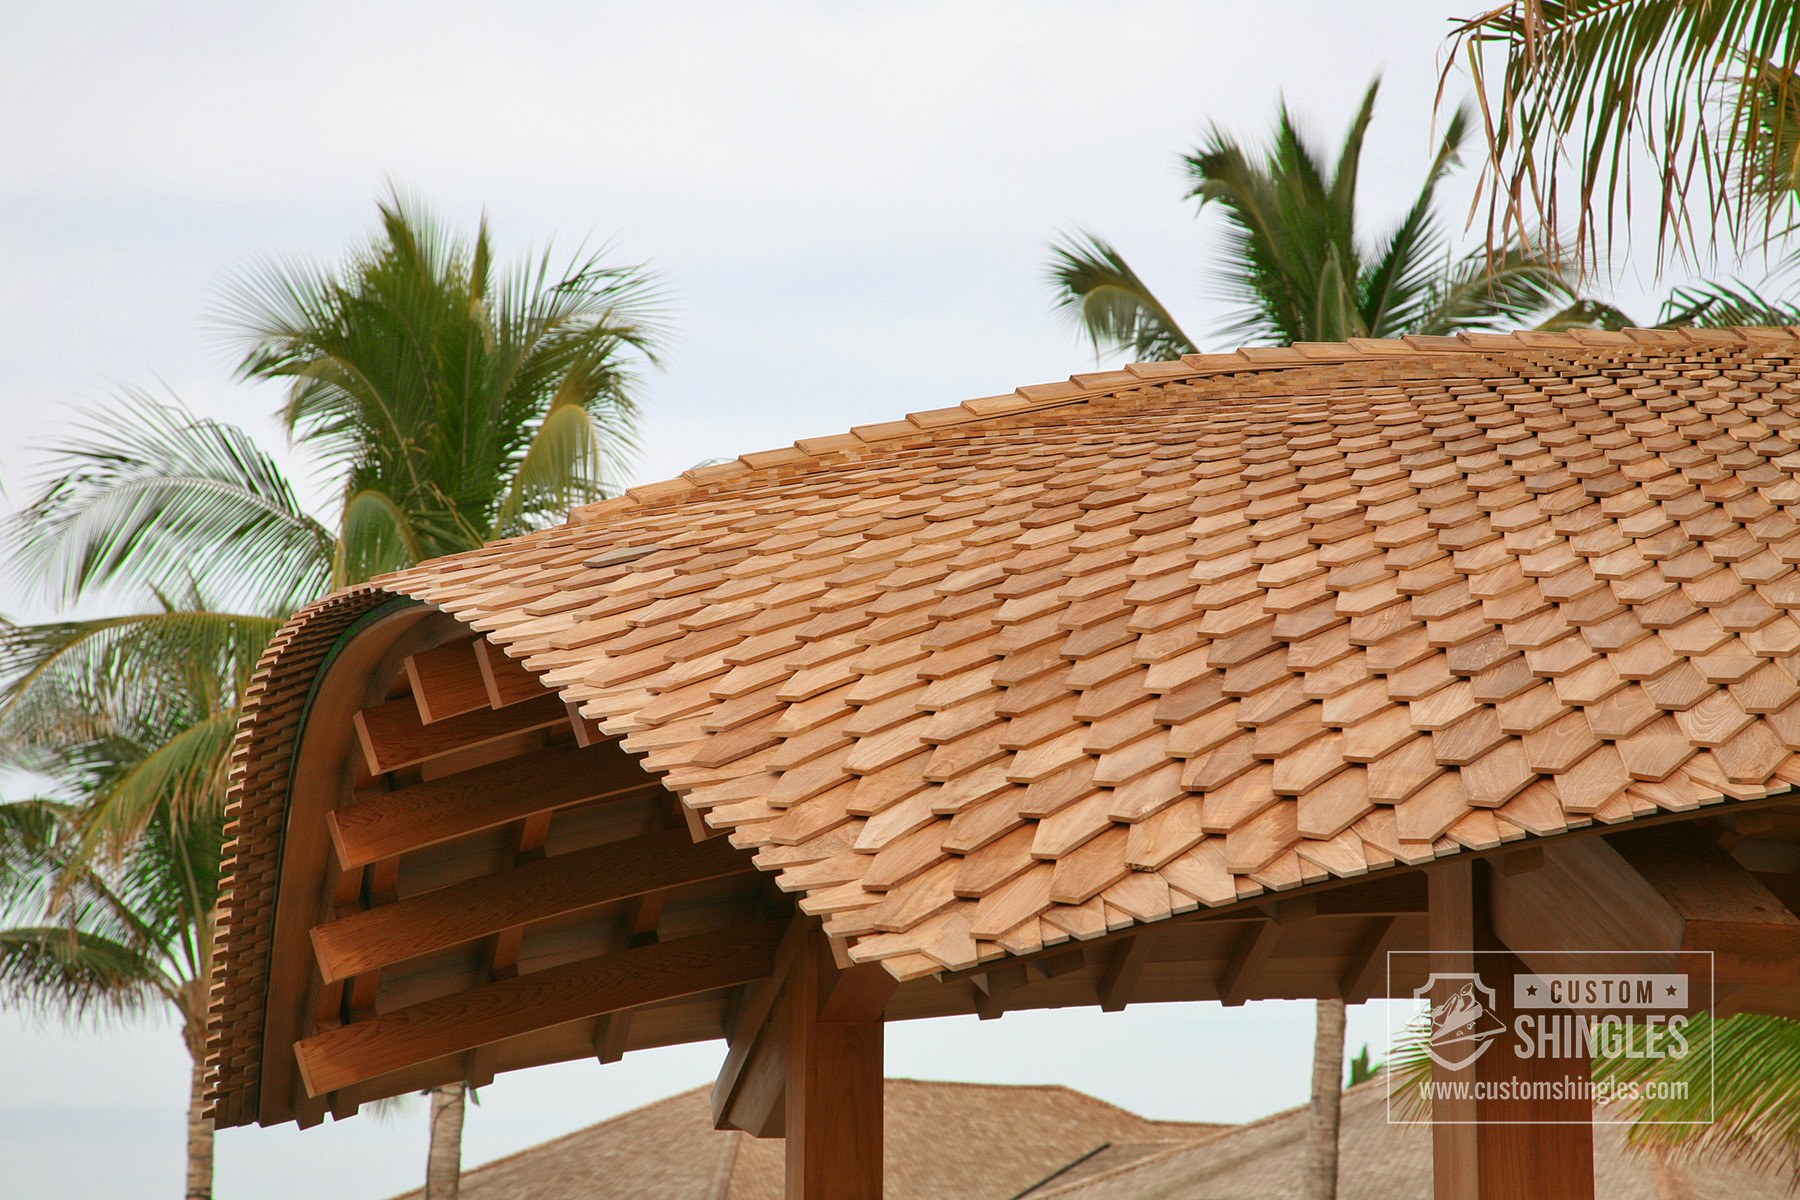 tropical resort building overhang